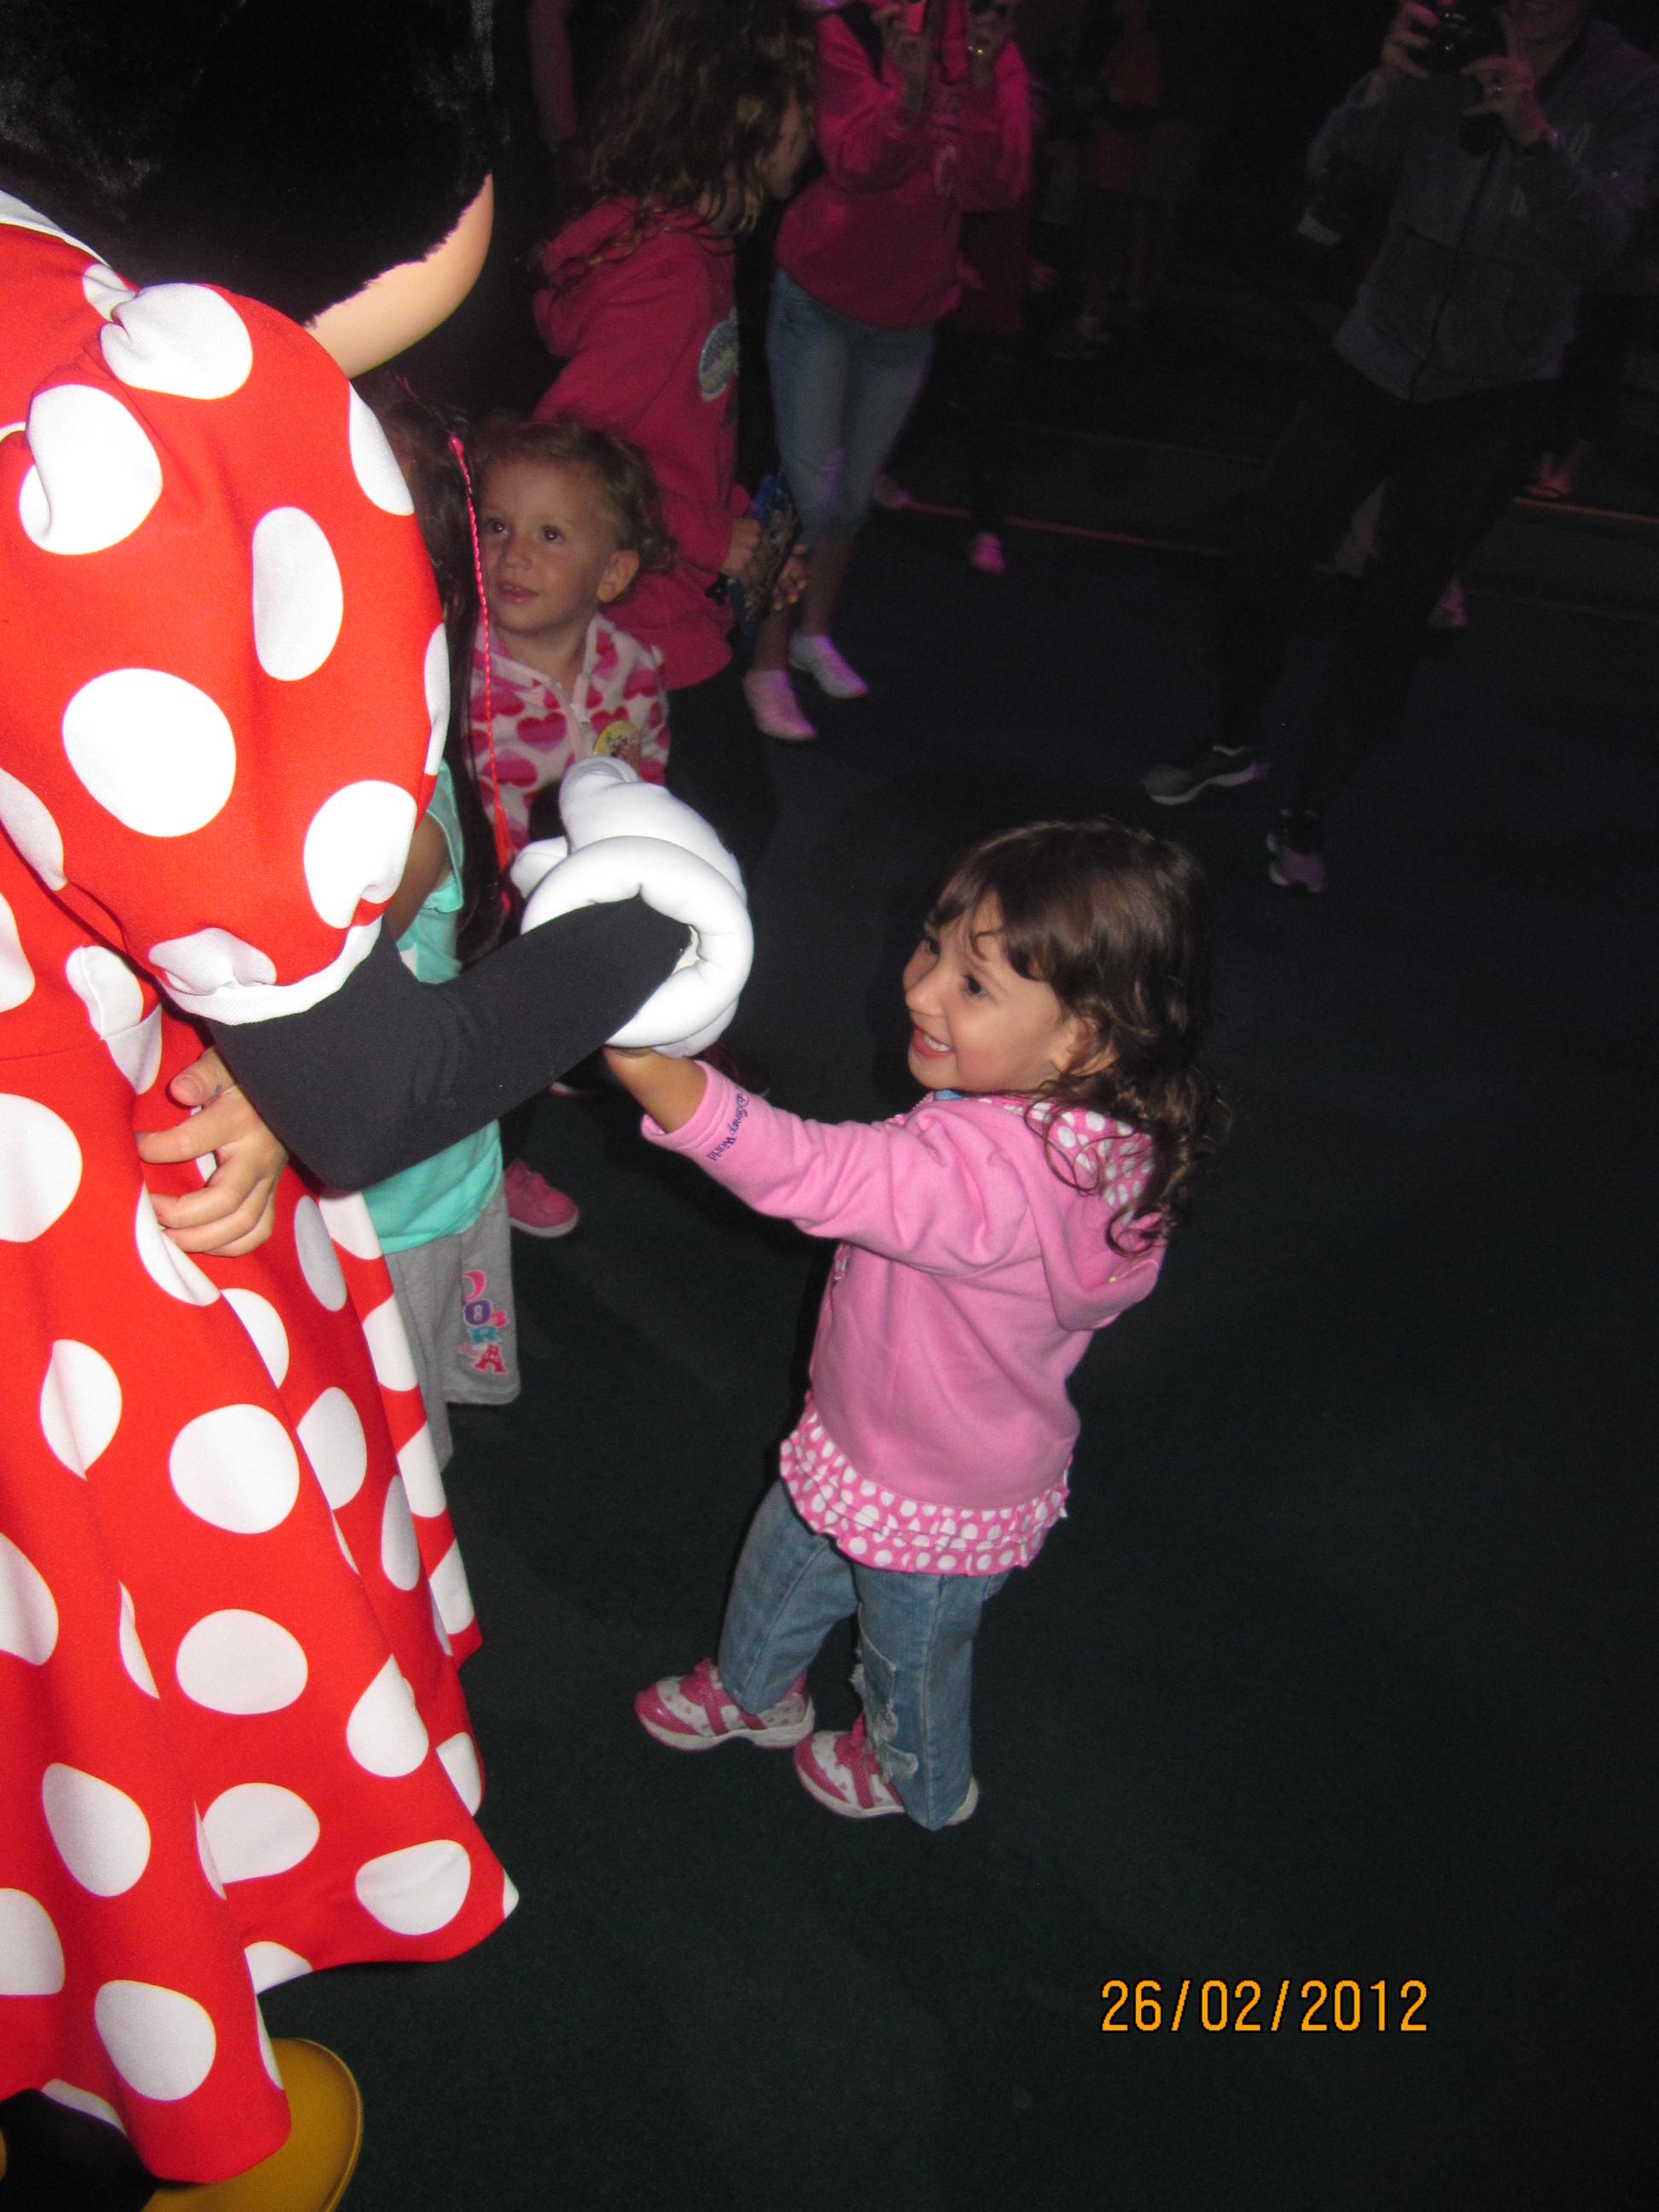 Dançando com a Minnie